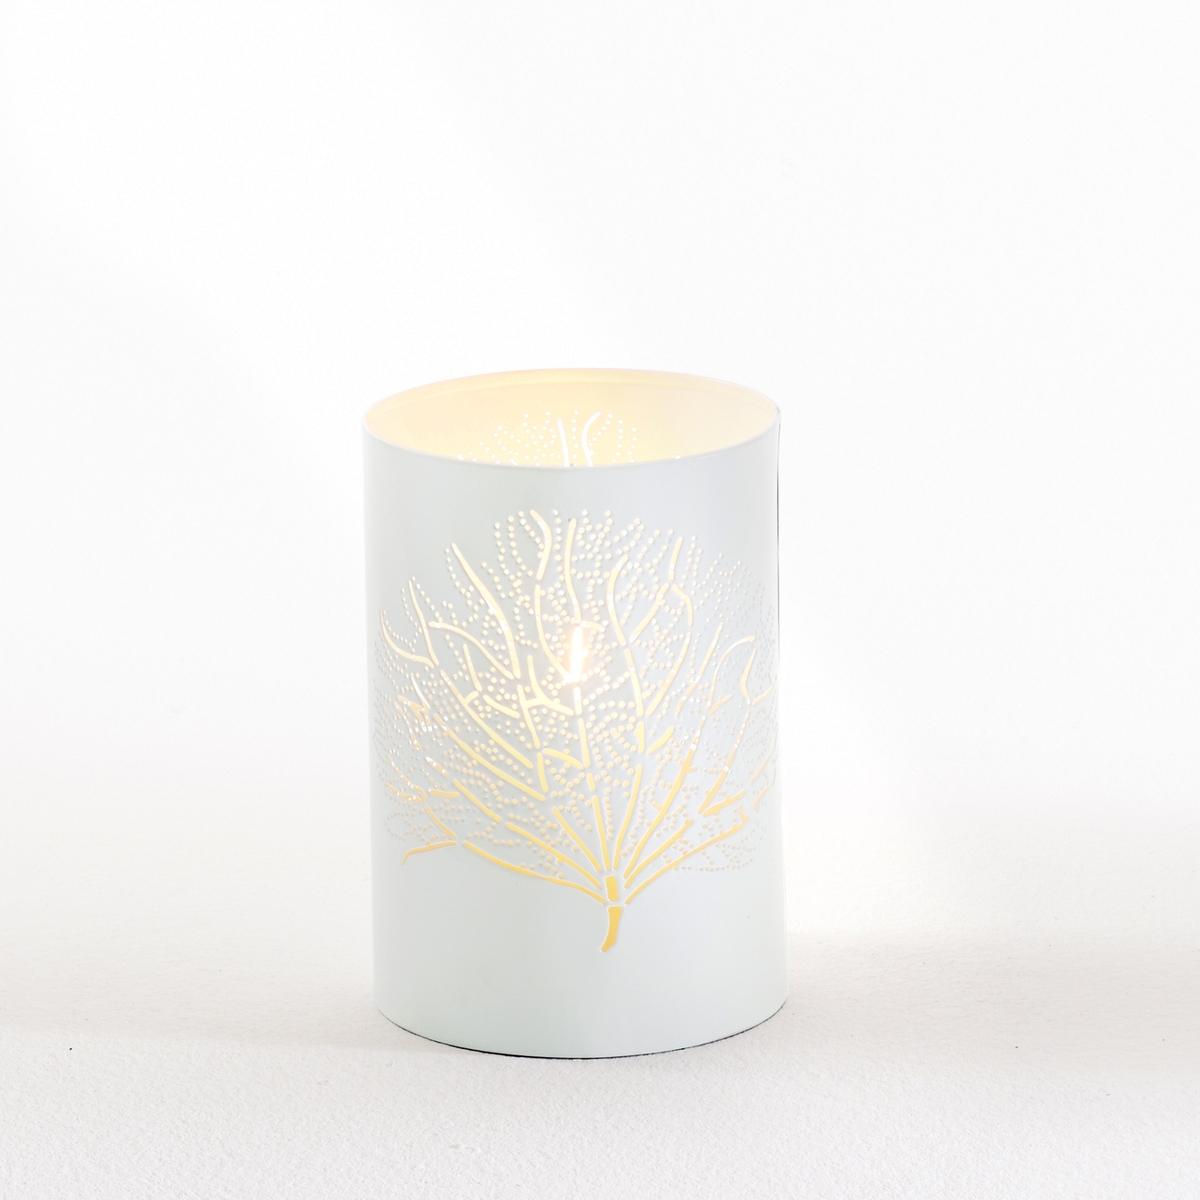 Подсвечник в виде стакана ArbanaПодсвечник в виде стакана Arbana из металла с перфорацией в форме листьев Характеристики:Из ажурного металла, покрашенного эпоксидной смолой.Для свечи диаметром 4 см, продаётся отдельно.Откройте коллекцию товаров для декора на сайте laredoute.ru.Размеры:Диаметр: 10 см.Высота: 15 см.<br><br>Цвет: белый